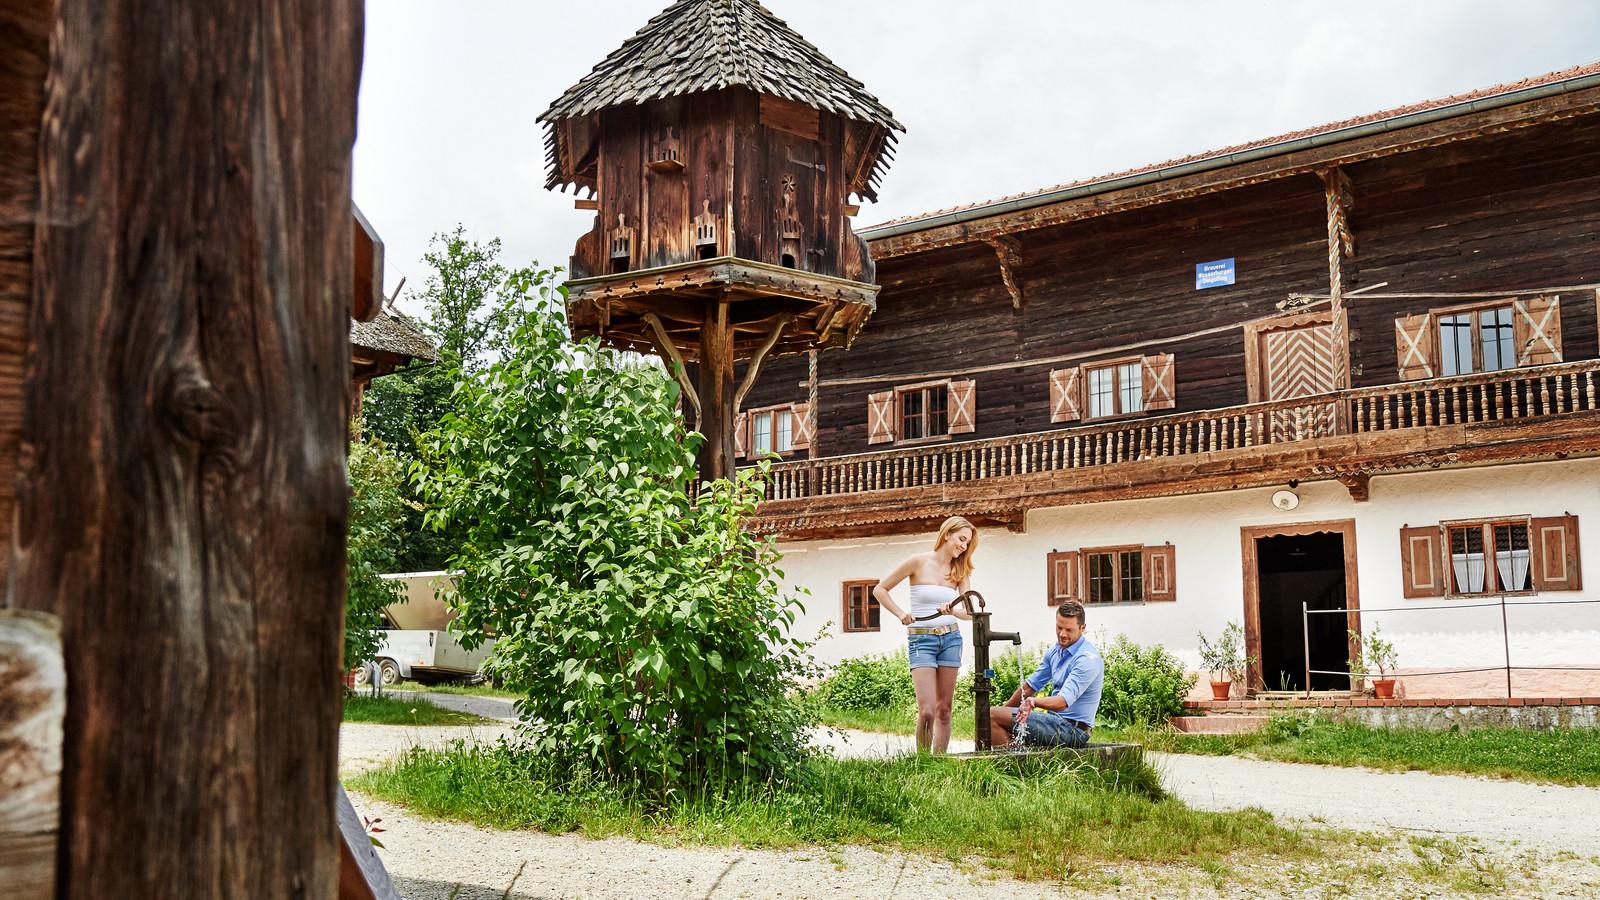 Das Freilichtmuseum in Massing in der Ferienregion Rottal-Inn